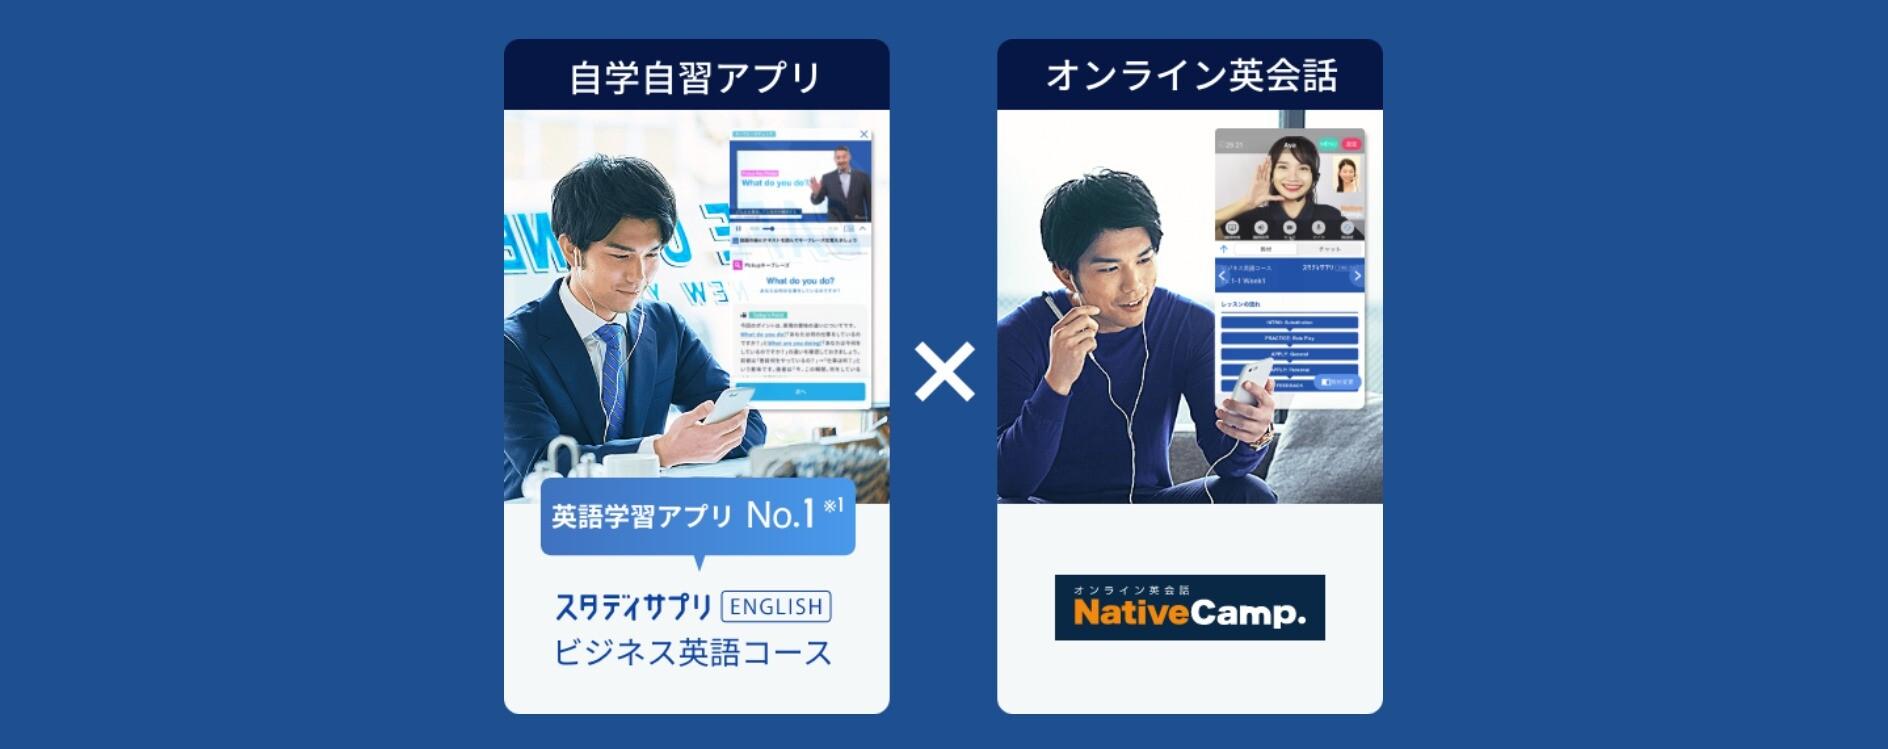 ネイティブキャンプとスタディサプリの連携を表すイメージ